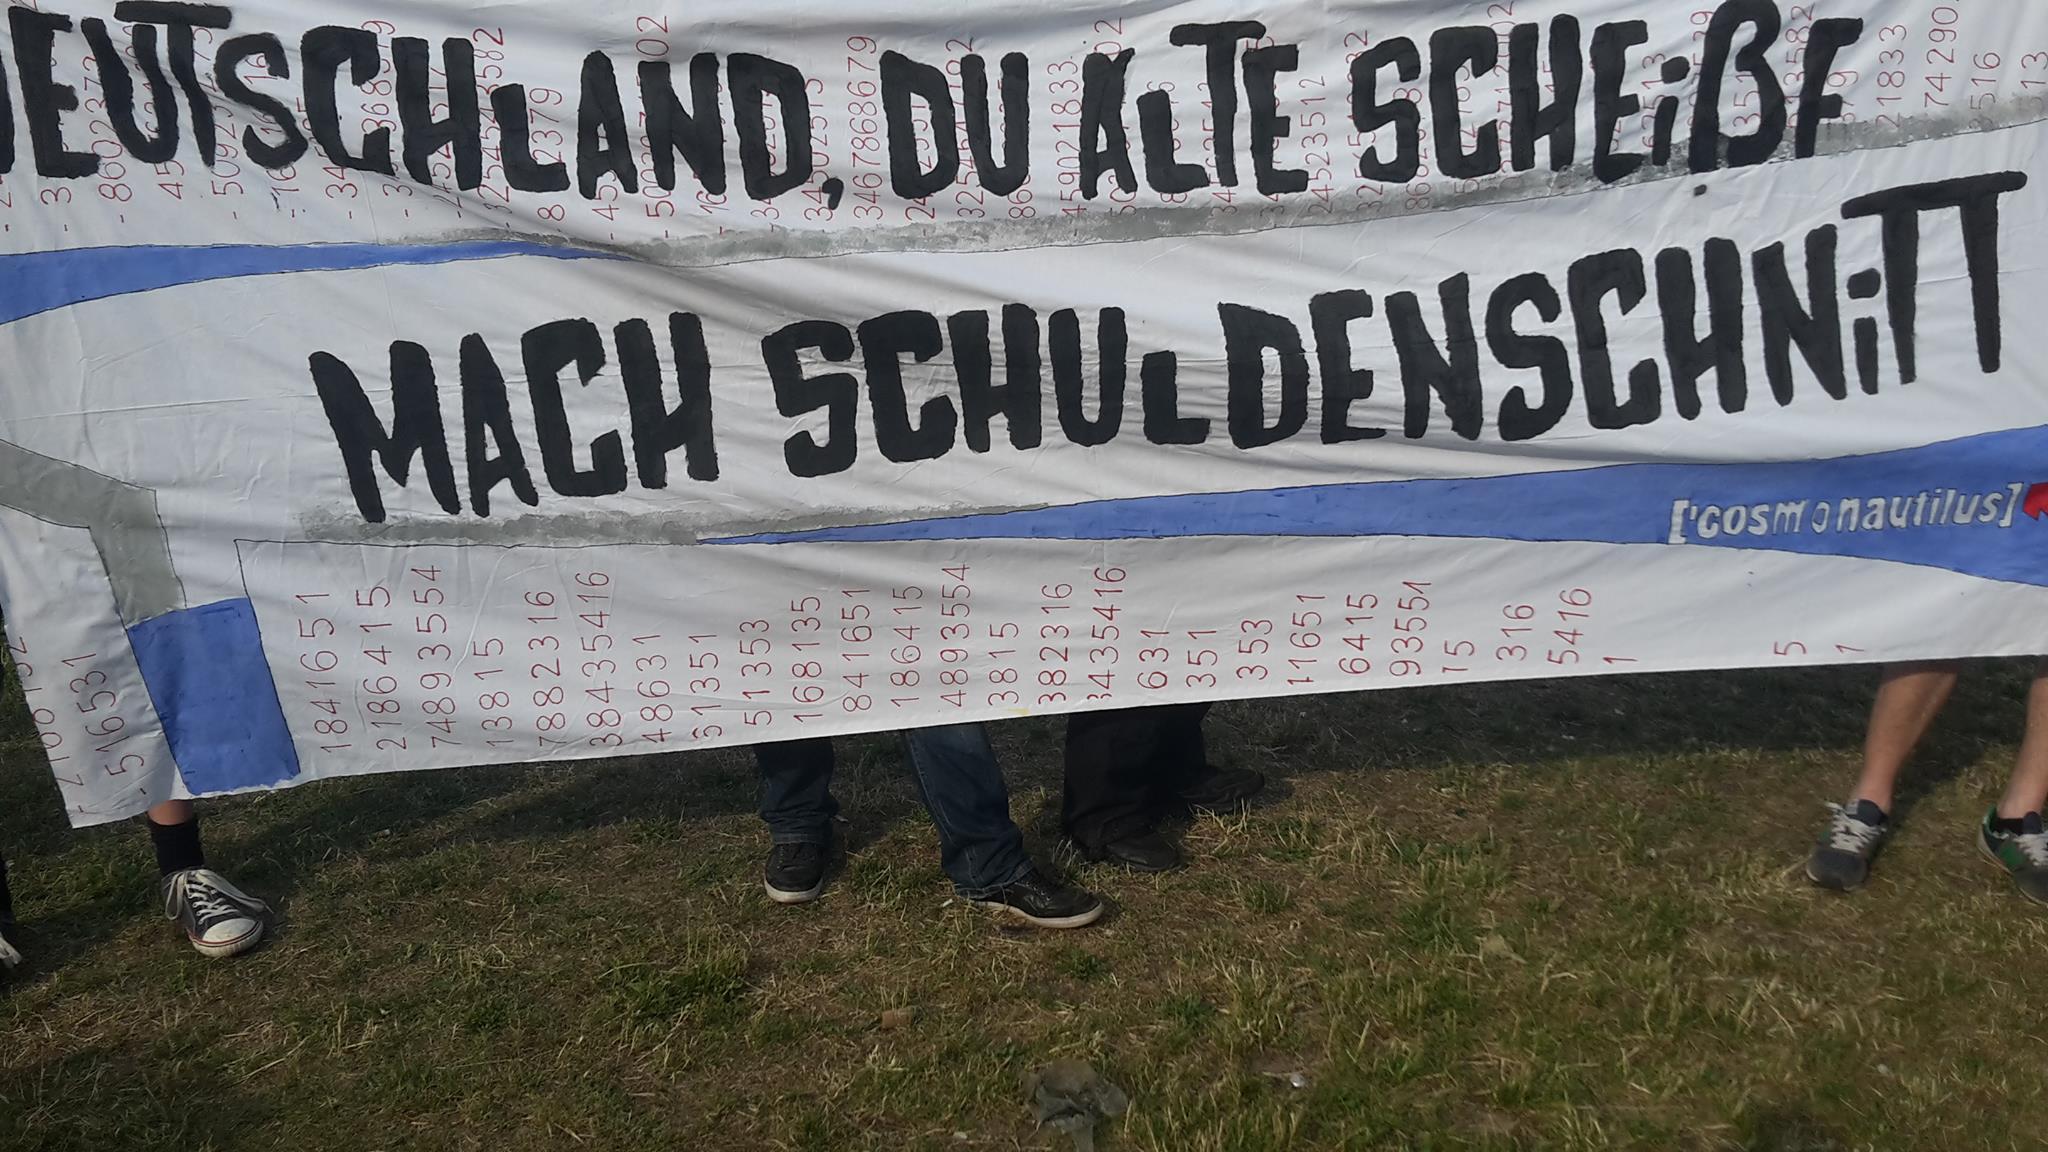 Transpi: Deutschland, du alte Scheisse, mach Schuldenschnitt